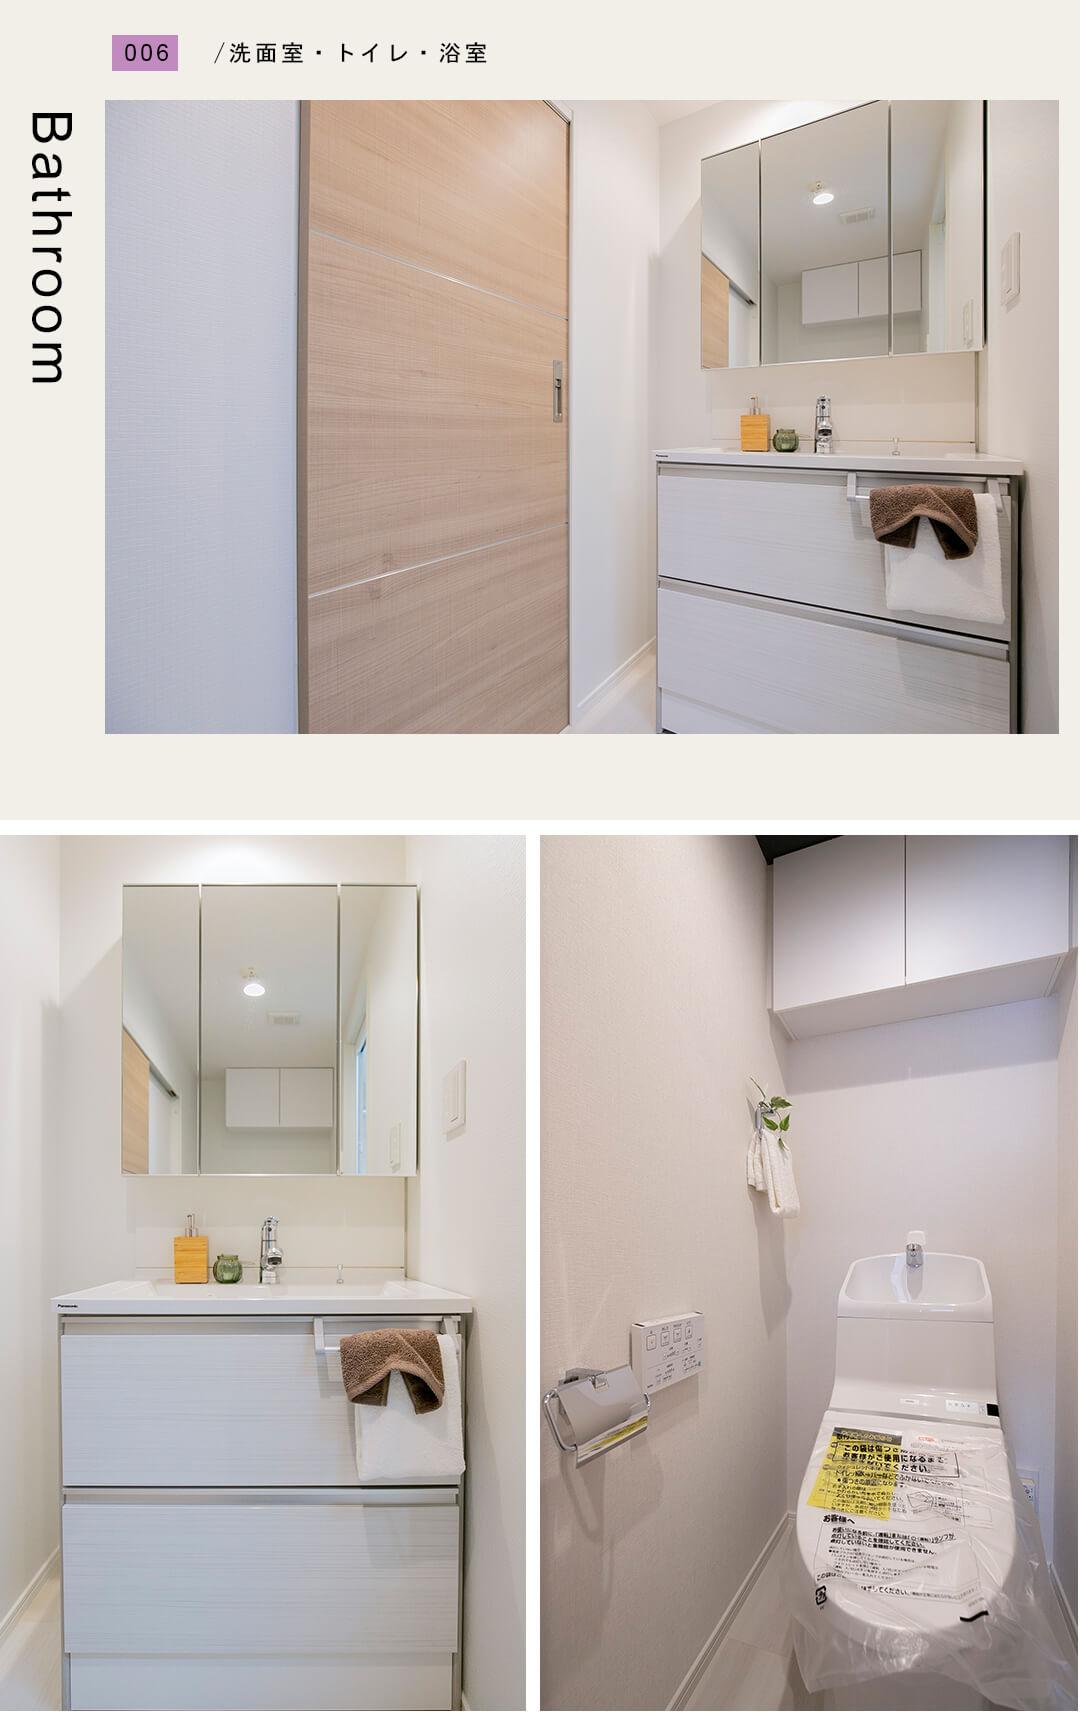 牛込中央マンションの洗面室とトイレ